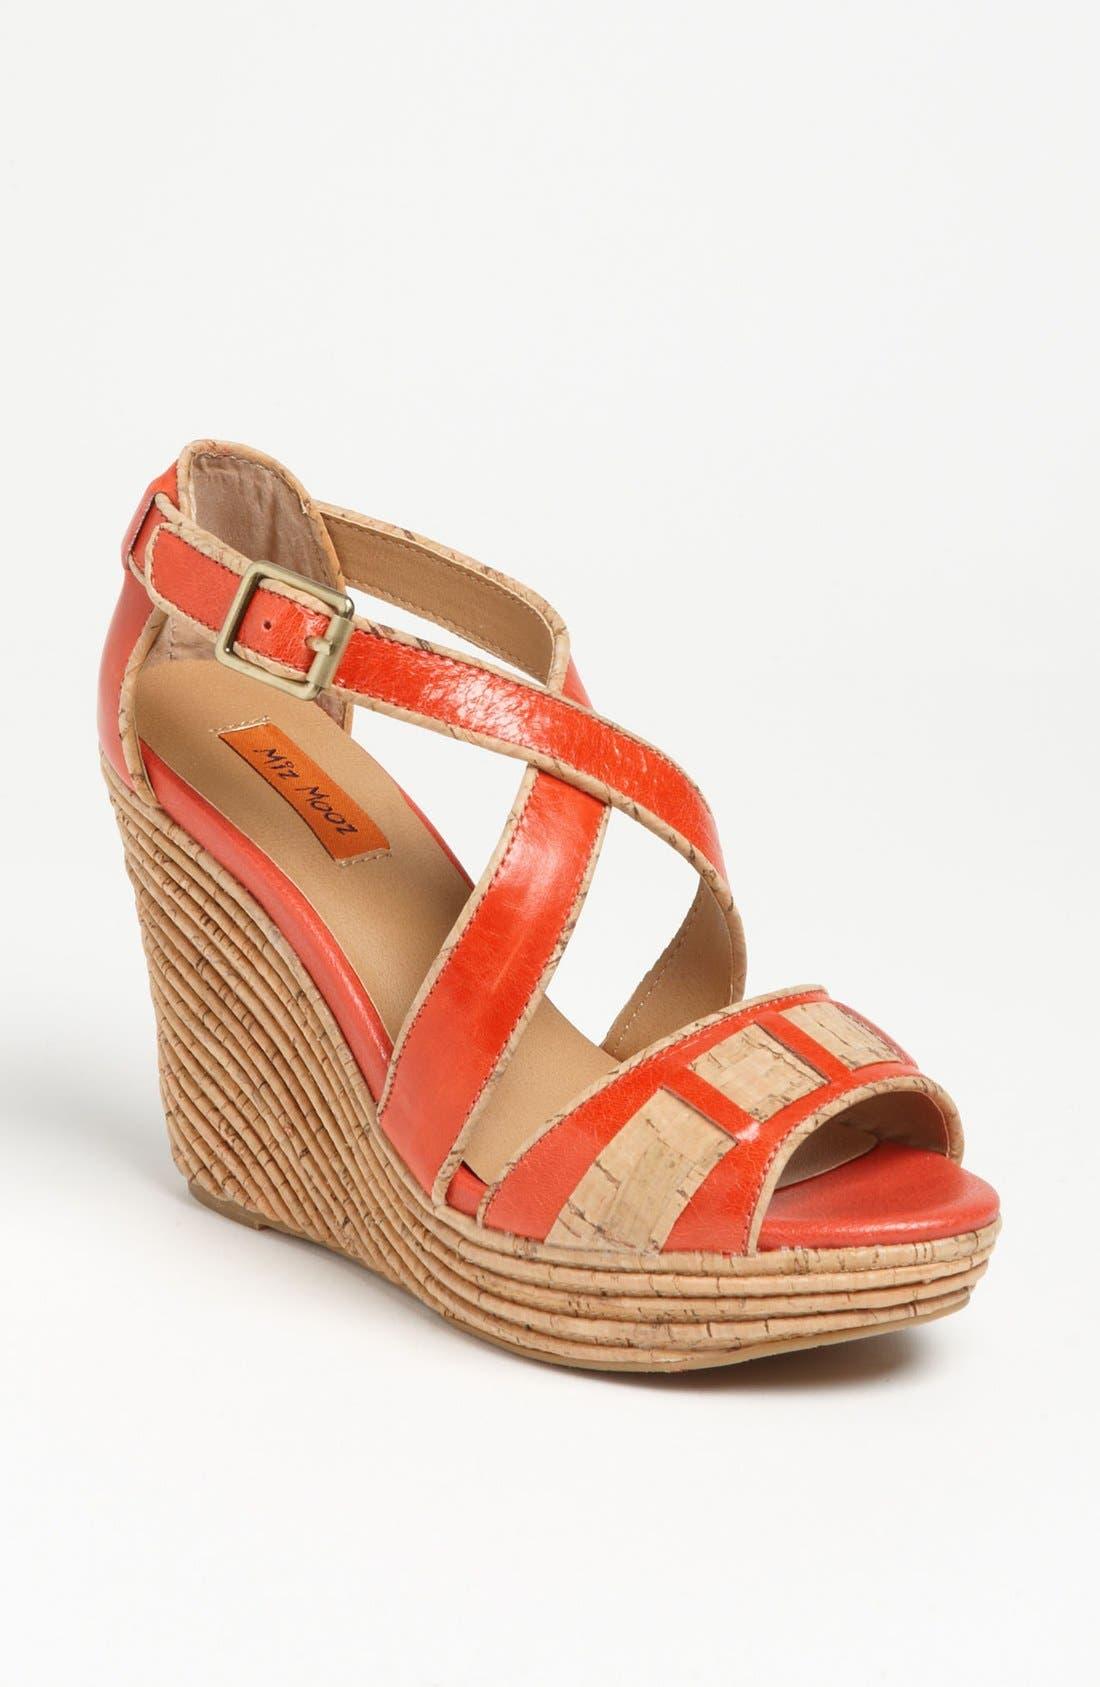 Main Image - Miz Mooz 'Kenya' Sandal